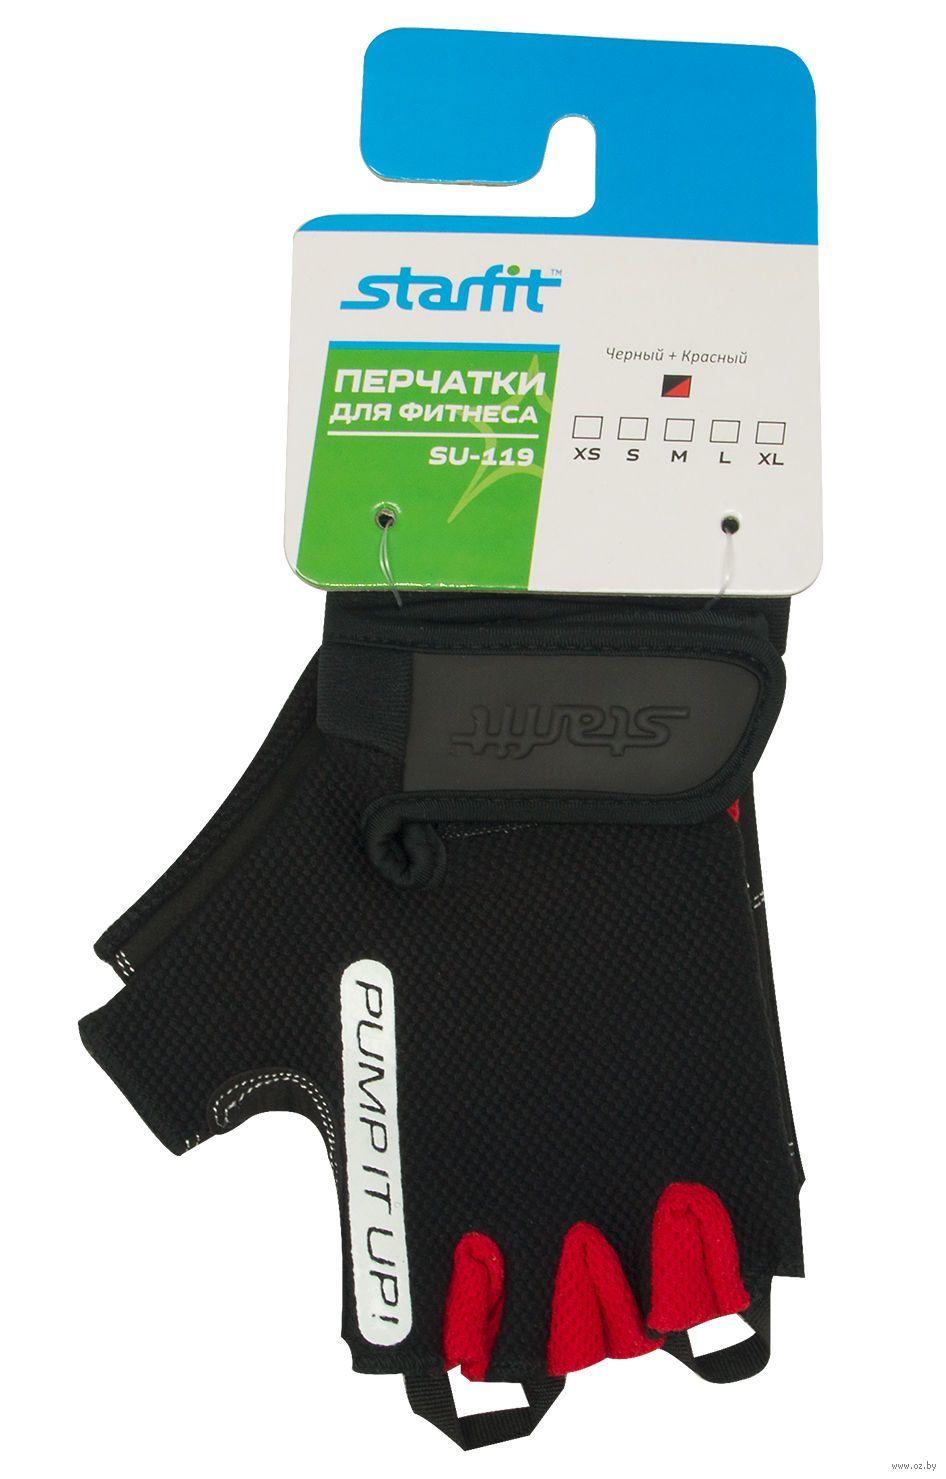 233052f438b4 Перчатки для фитнеса SU-119 (L  чёрные красные) Starfit   купить в Минске в  интернет-магазине — OZ.by